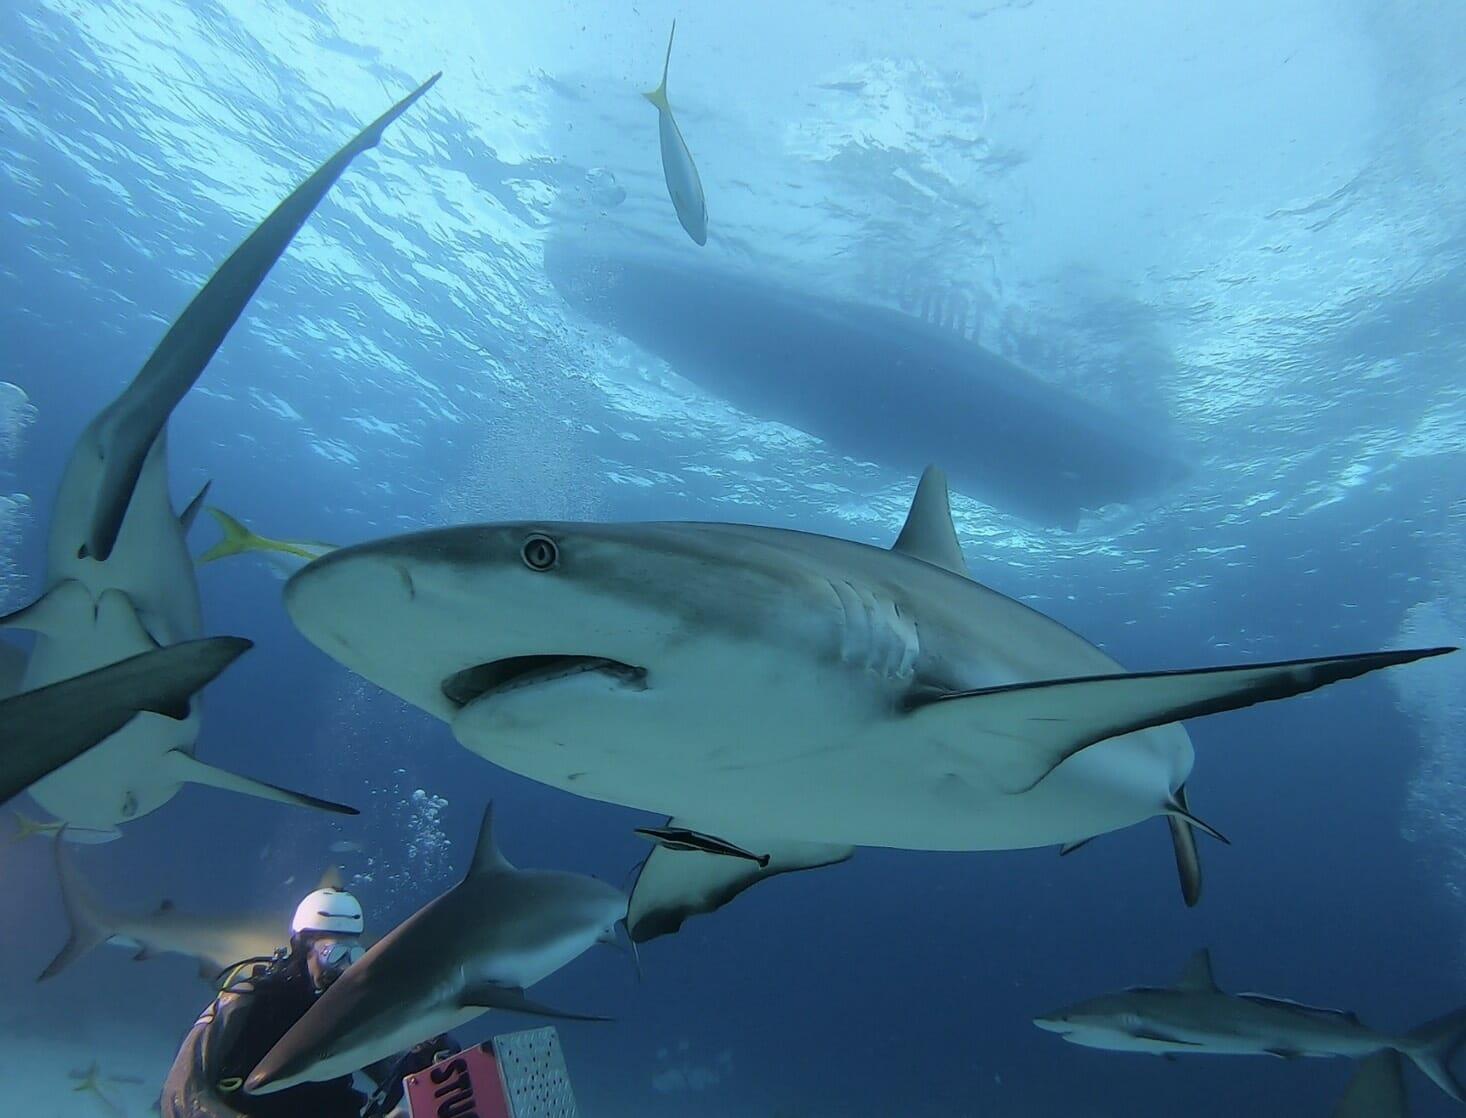 【サメの楽園バハマ】ゲージ無し!ナッソーで憧れのシャークダイビングをしてみた